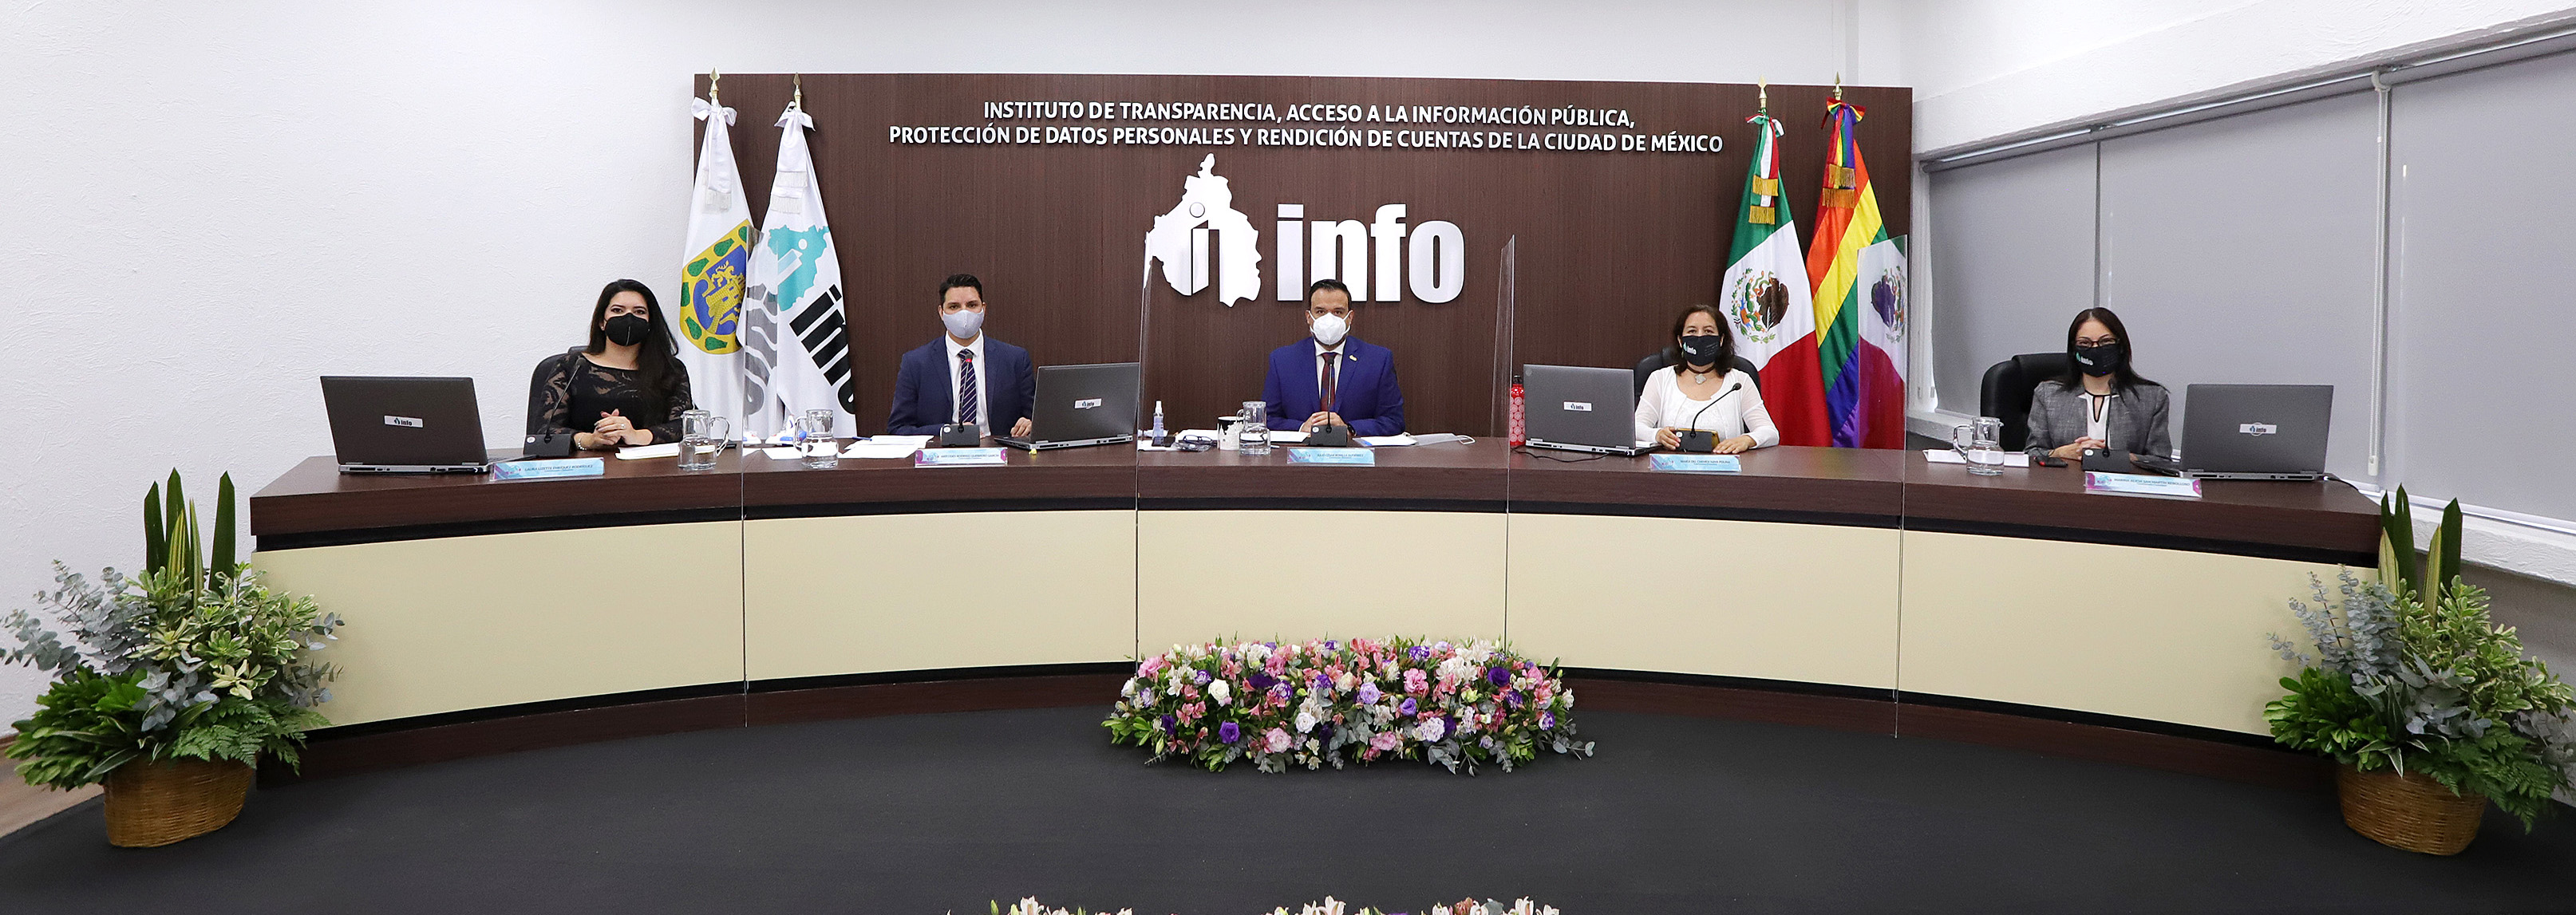 El órgano garante aprobó ocho criterios de interpretación cuyo propósito es, entre otros, orientar a los sujetos obligados en la atención a las solicitudes de información.